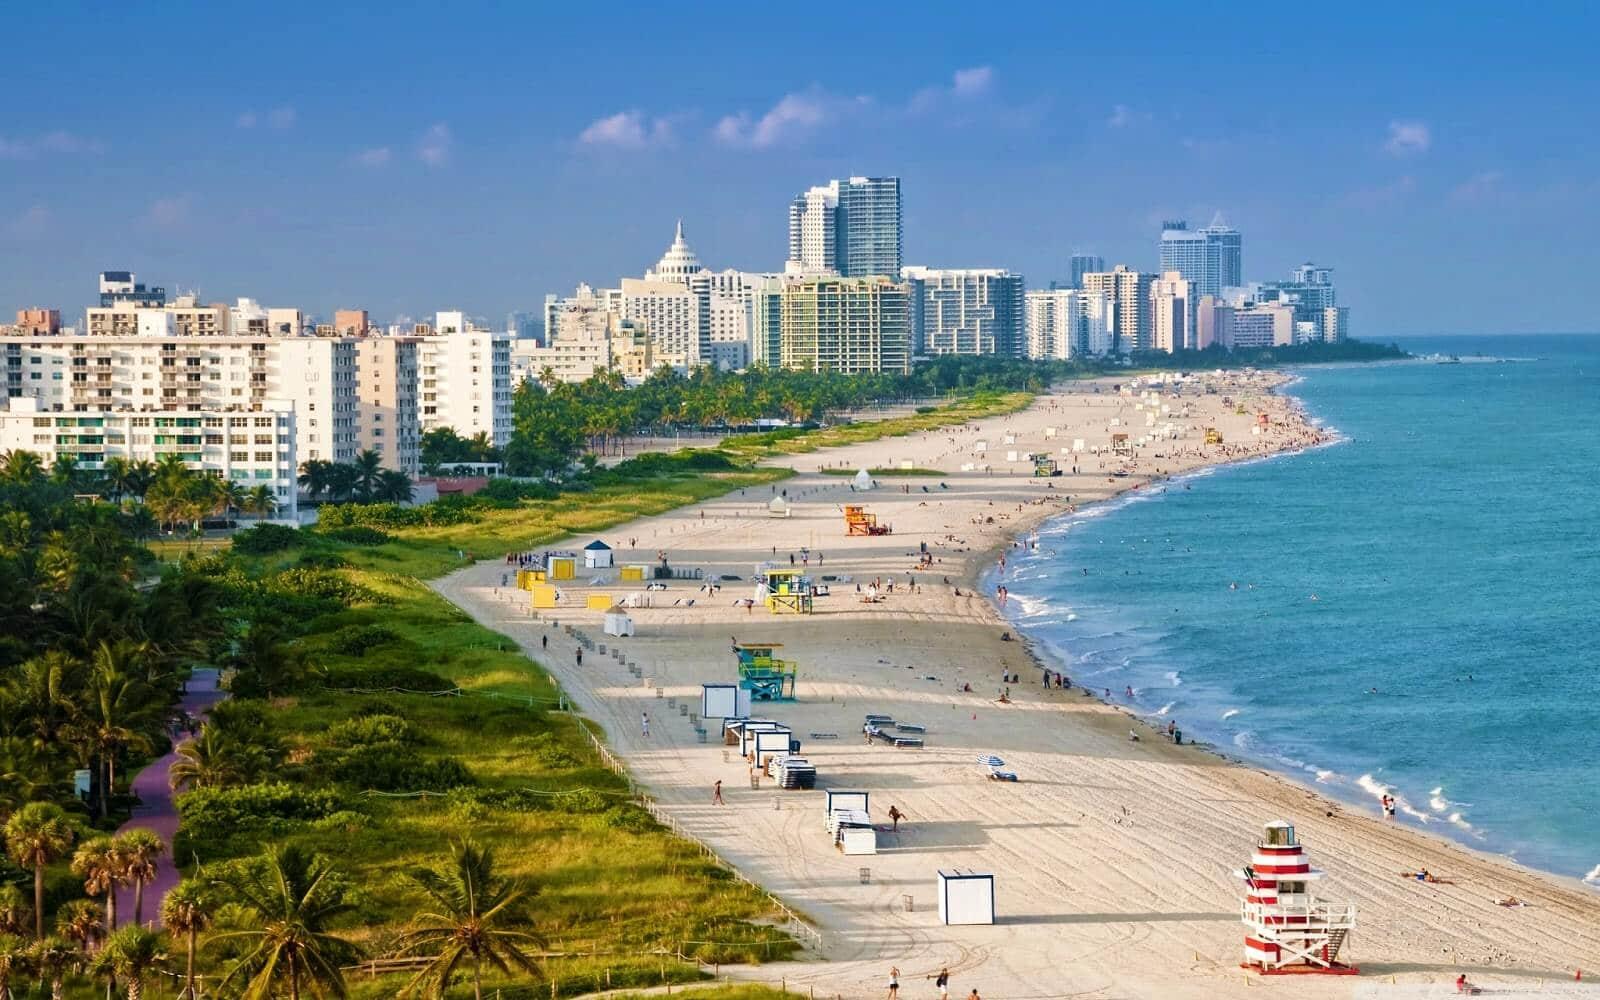 Passagens aéreas da TAM para Miami a partir de 1039 reais